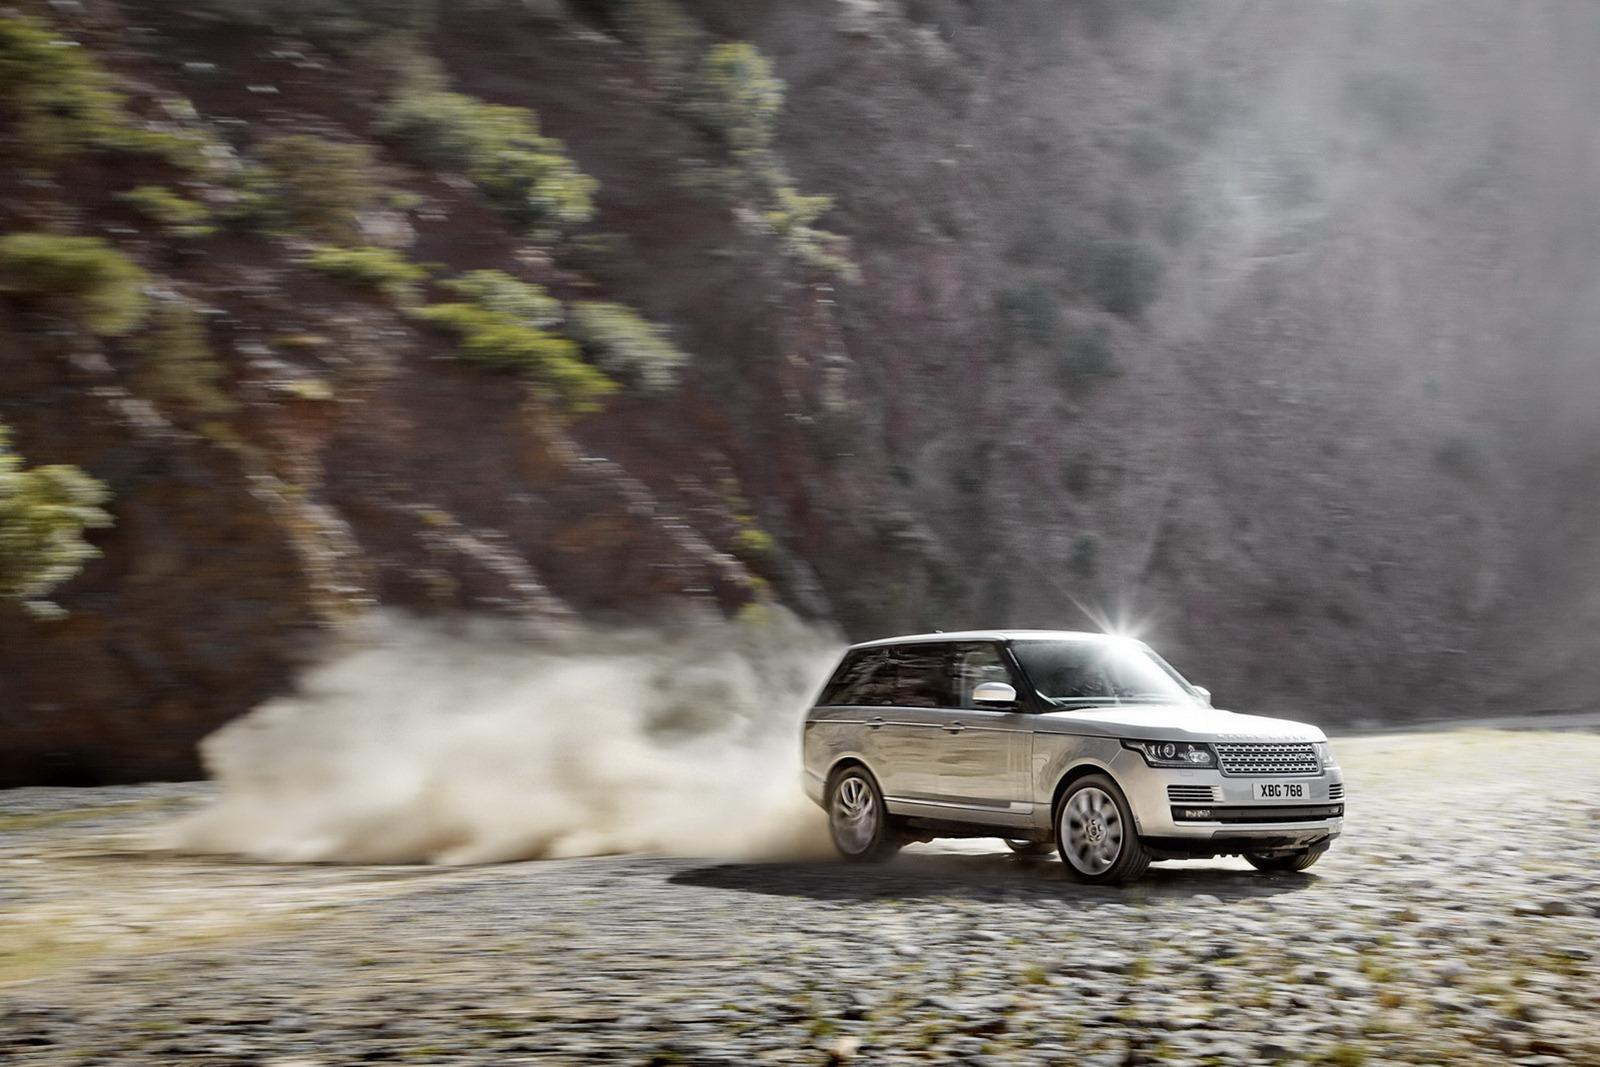 2013-Range-Rover-68%25255B2%25255D.jpg